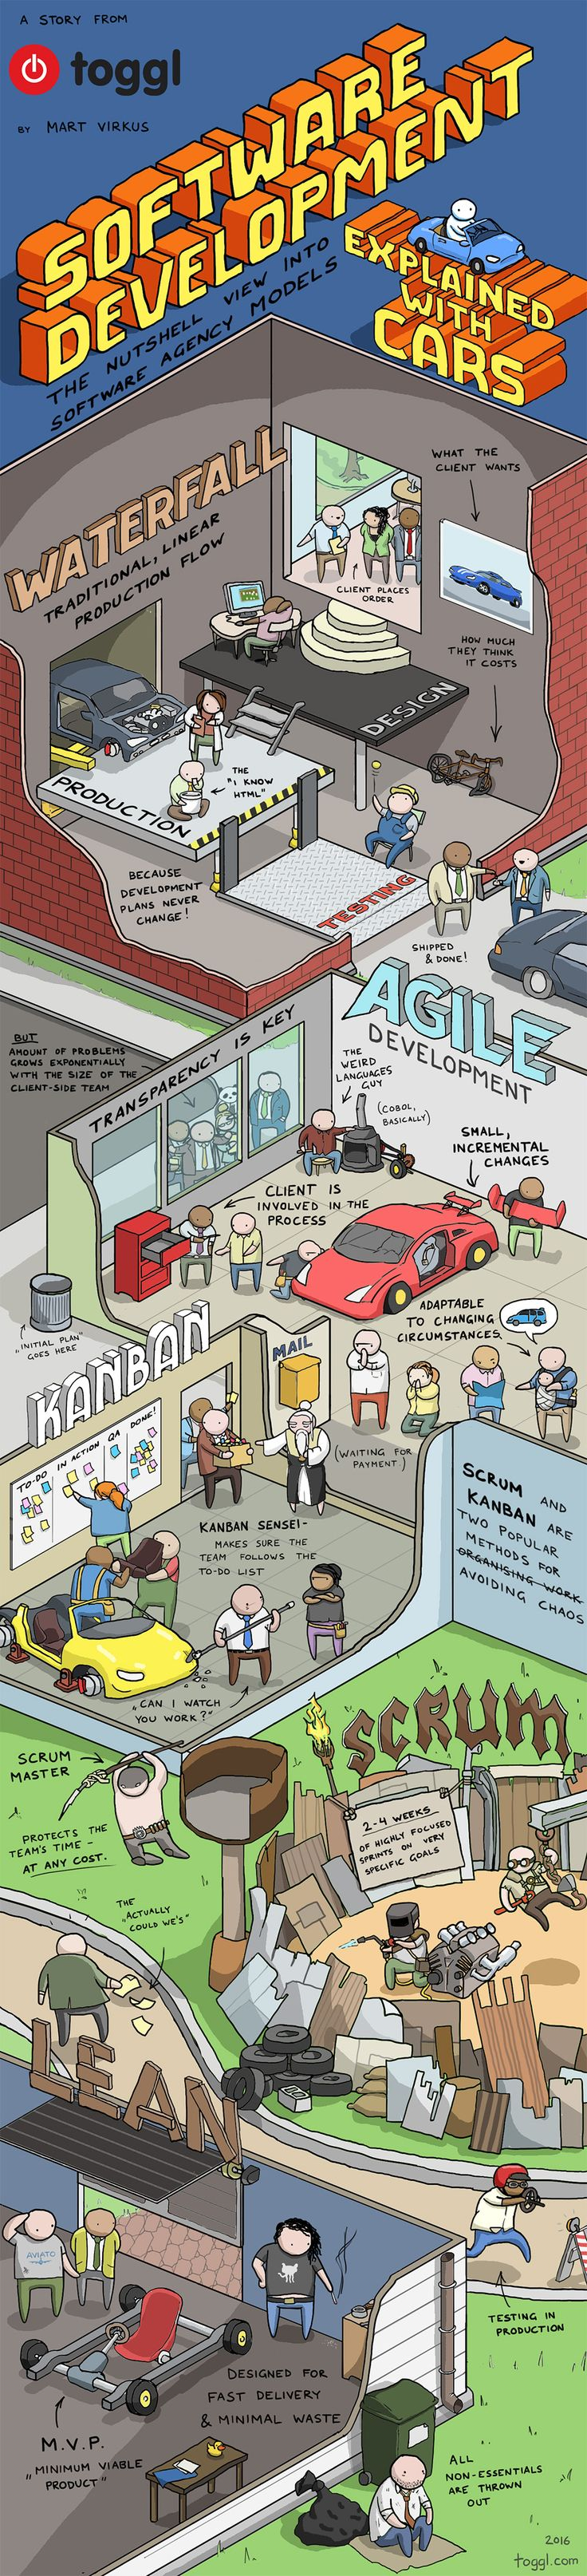 Desarrollo de Software, explicado con Autos...                                                                                                                                                      Más